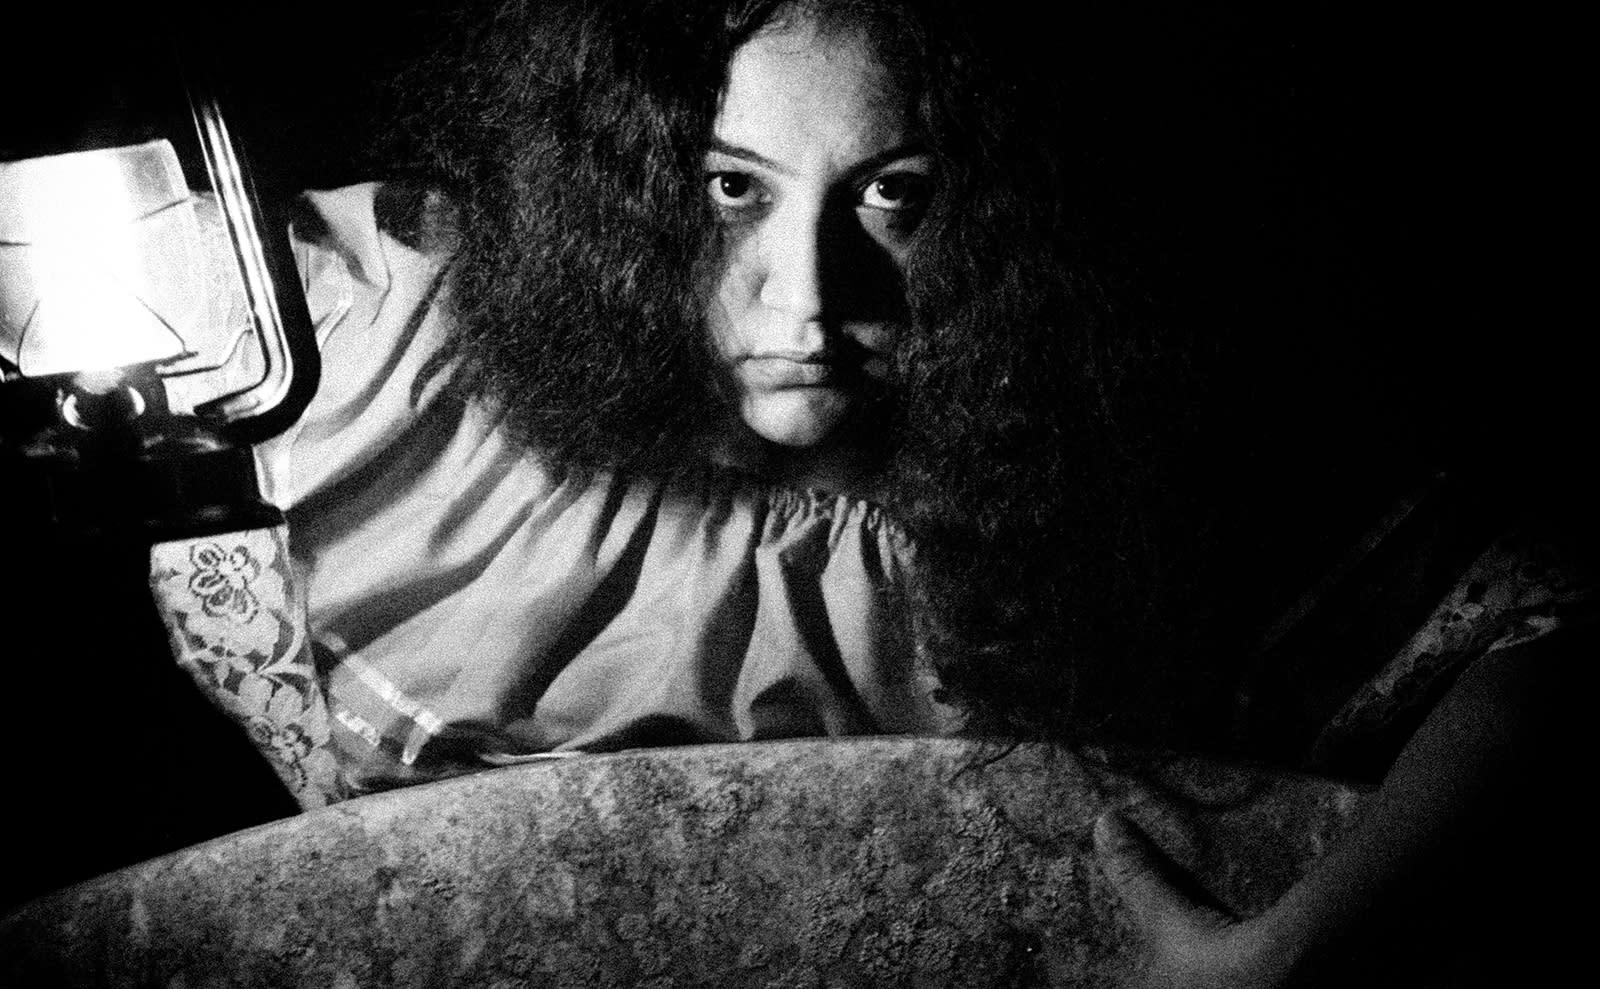 Teatro Aurora presenta segunda edición de 'Encuentros fantasmales' en Lawrenceville